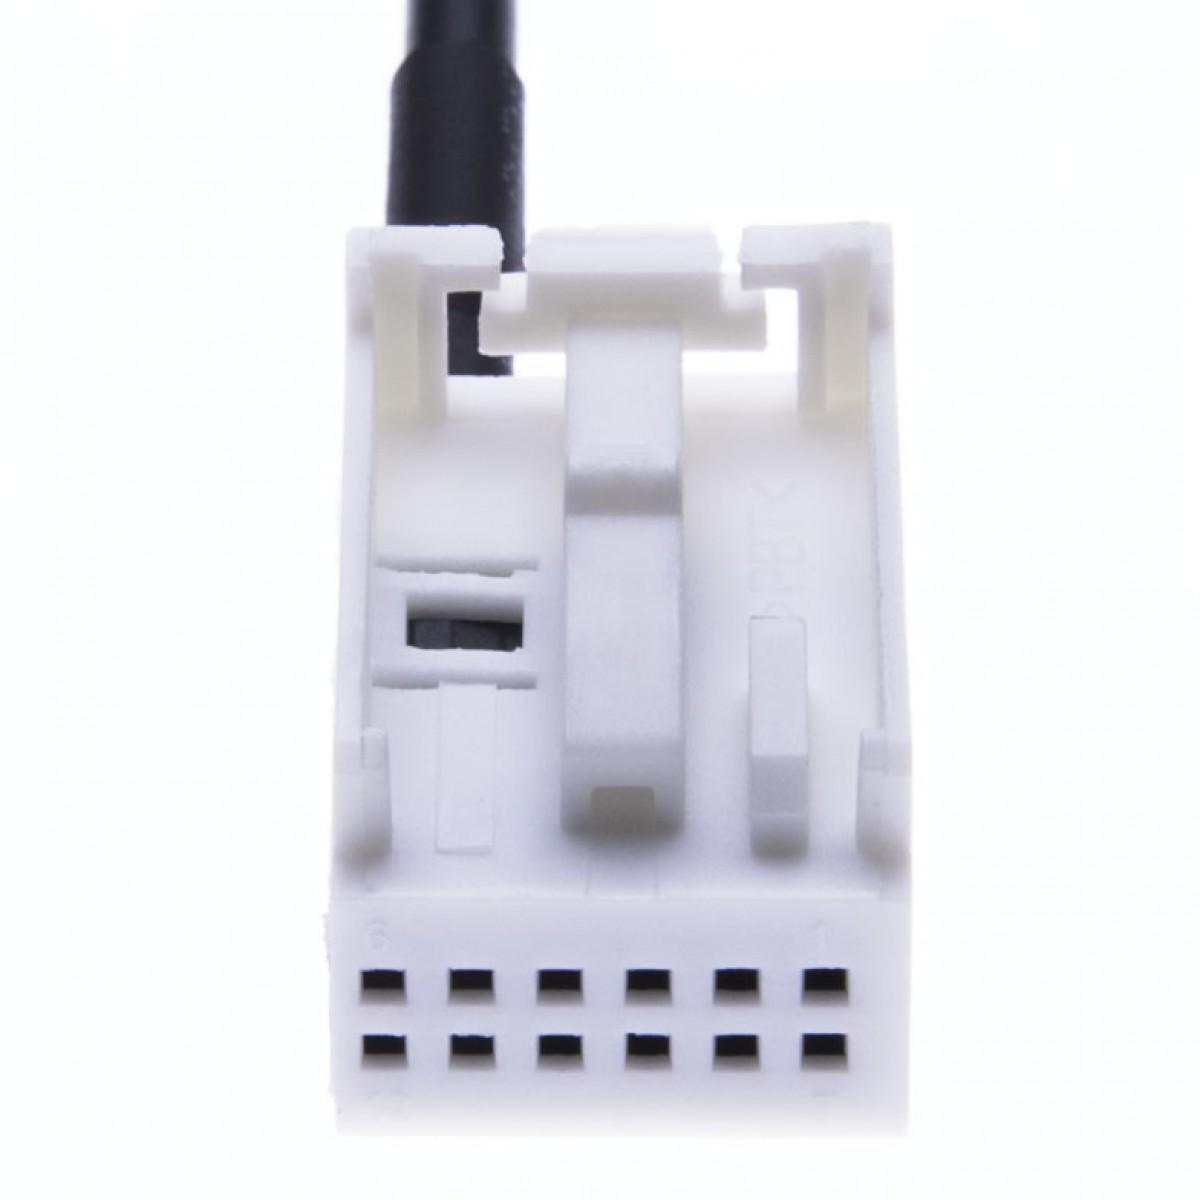 Car Aux-In Adapter Cable for Mercedes A Class W169 / W245, B W245 / W203, C  W209 / W203, CLK X164 / W209, GL W164 / X164